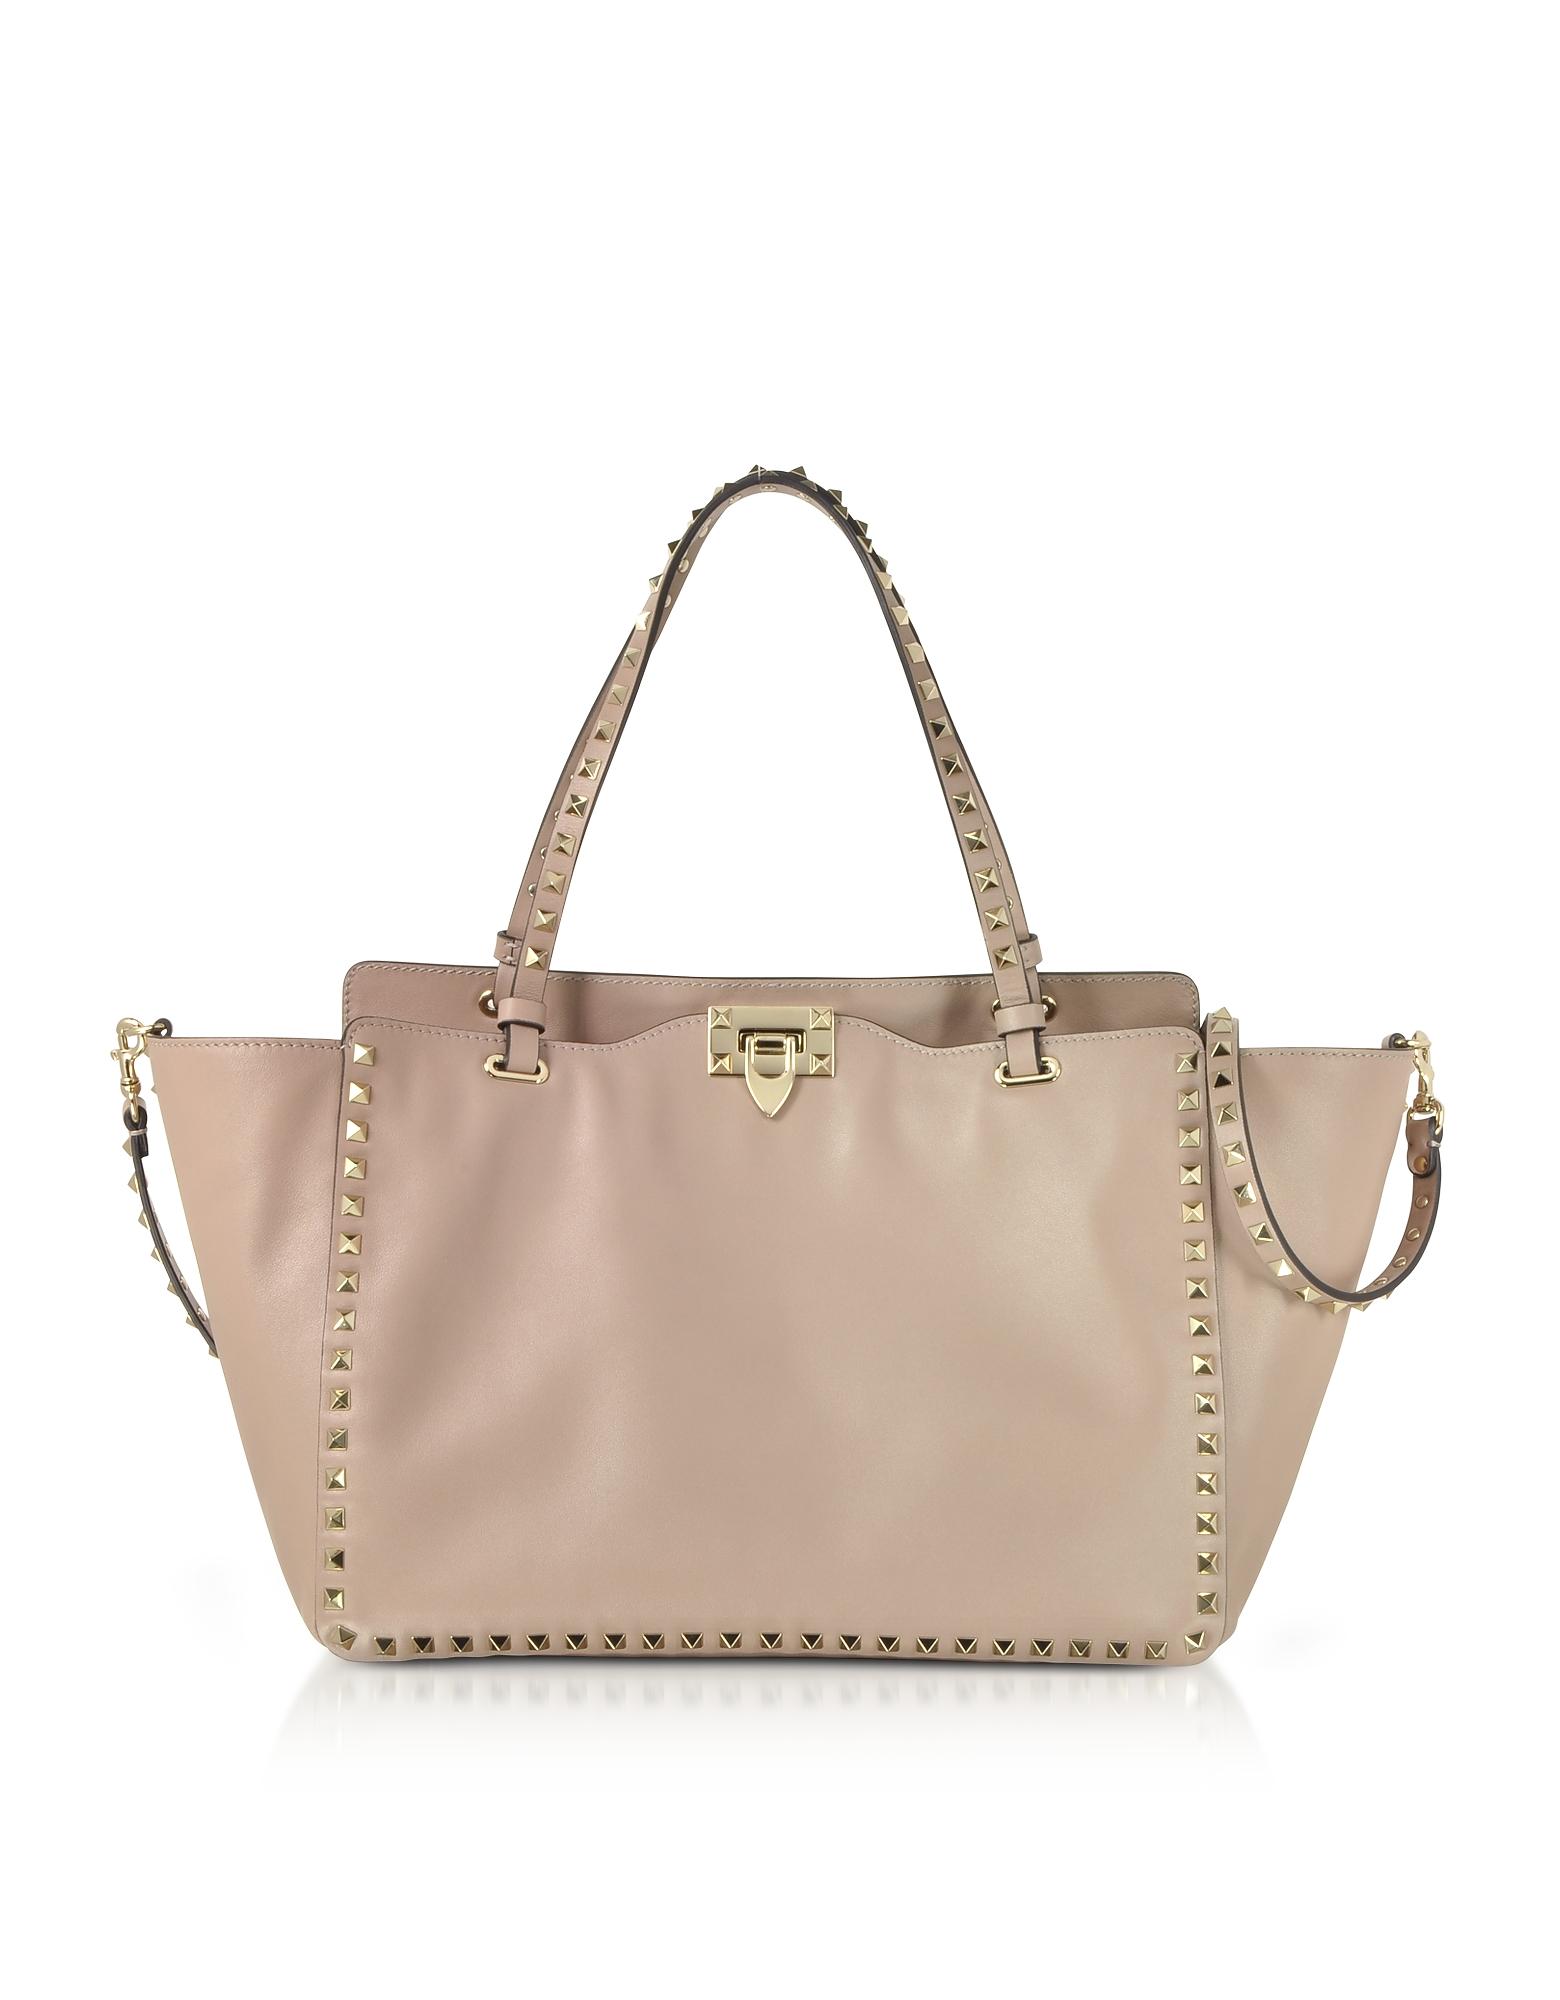 Valentino Handbags, Rockstud Medium Leather Tote